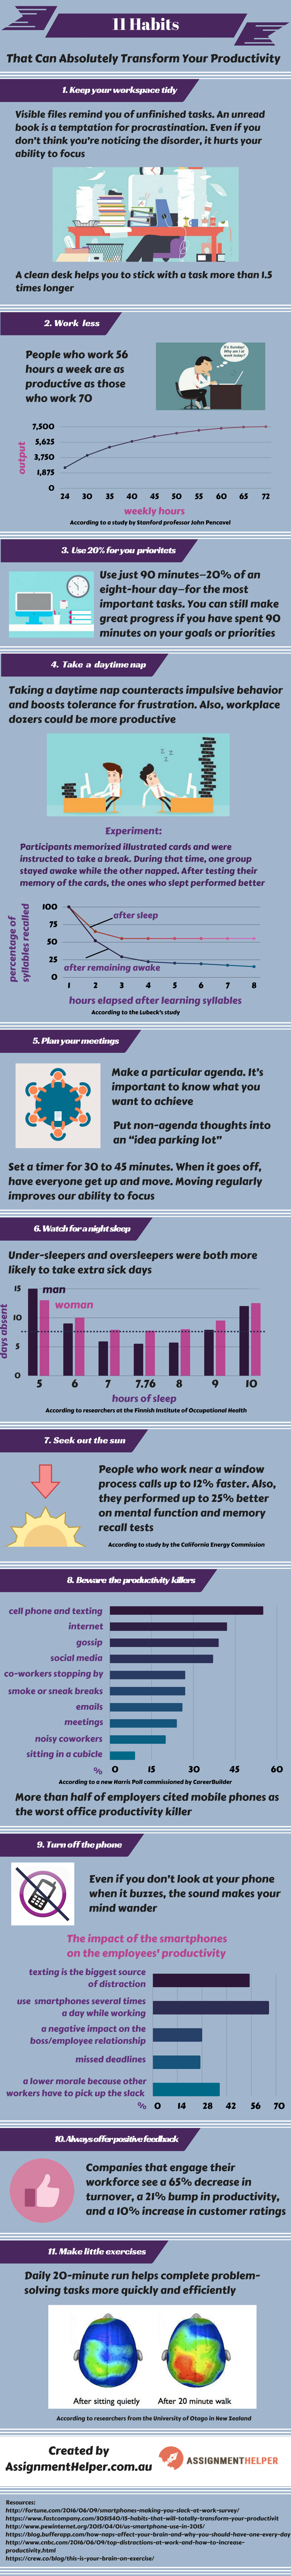 habits productivity